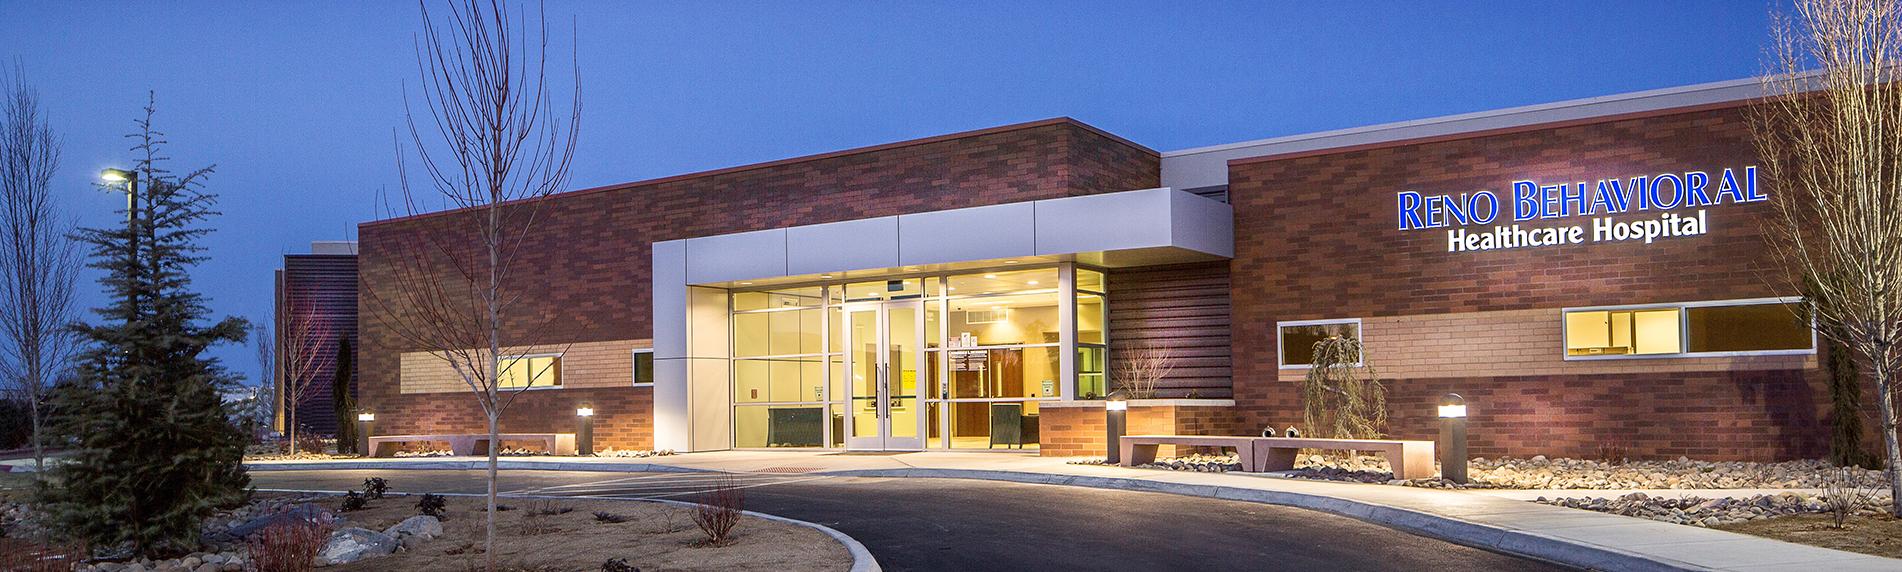 new behavioral healthcare hospital in reno nevada